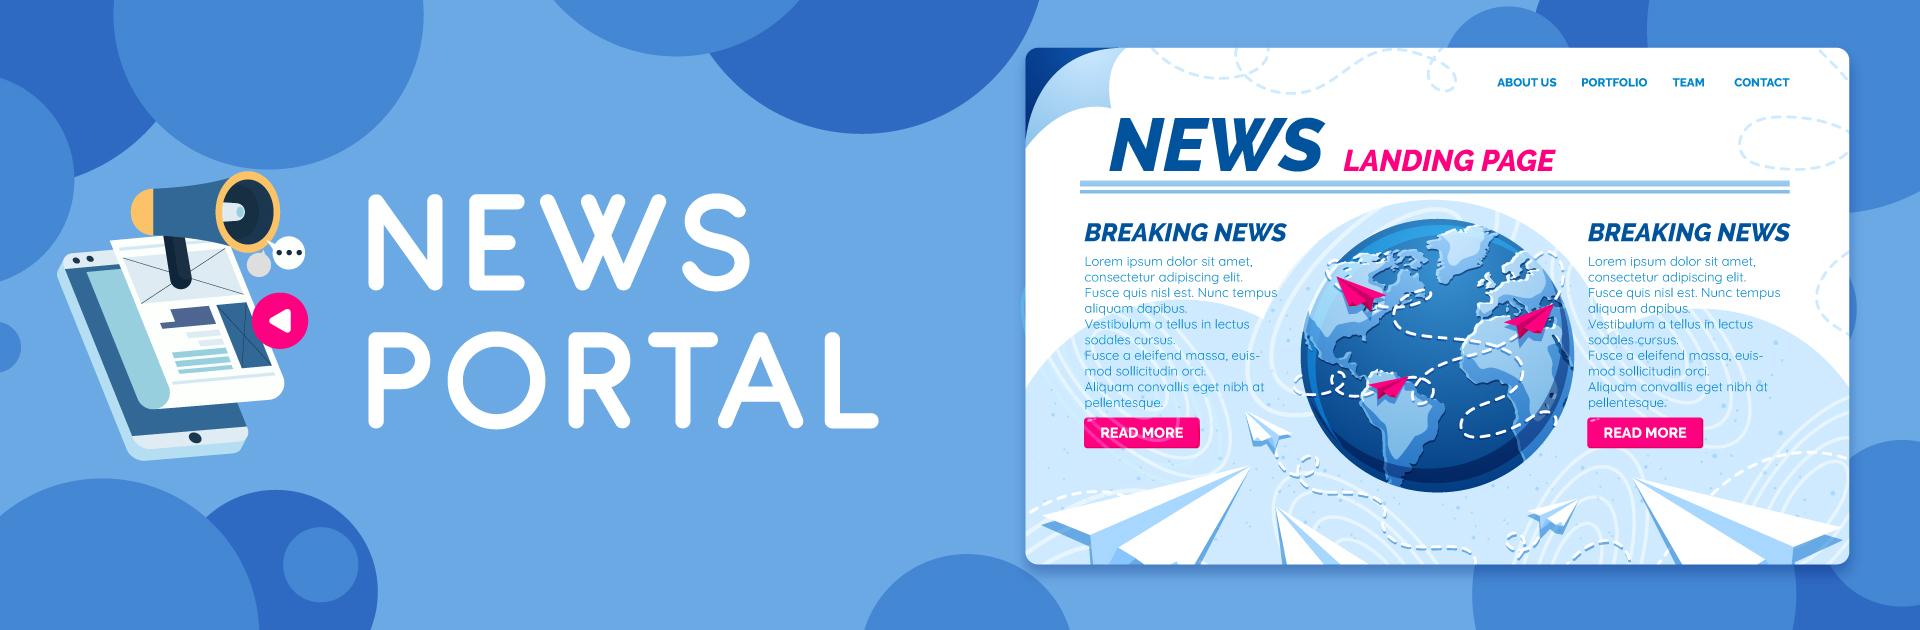 News Portal Development Company In India